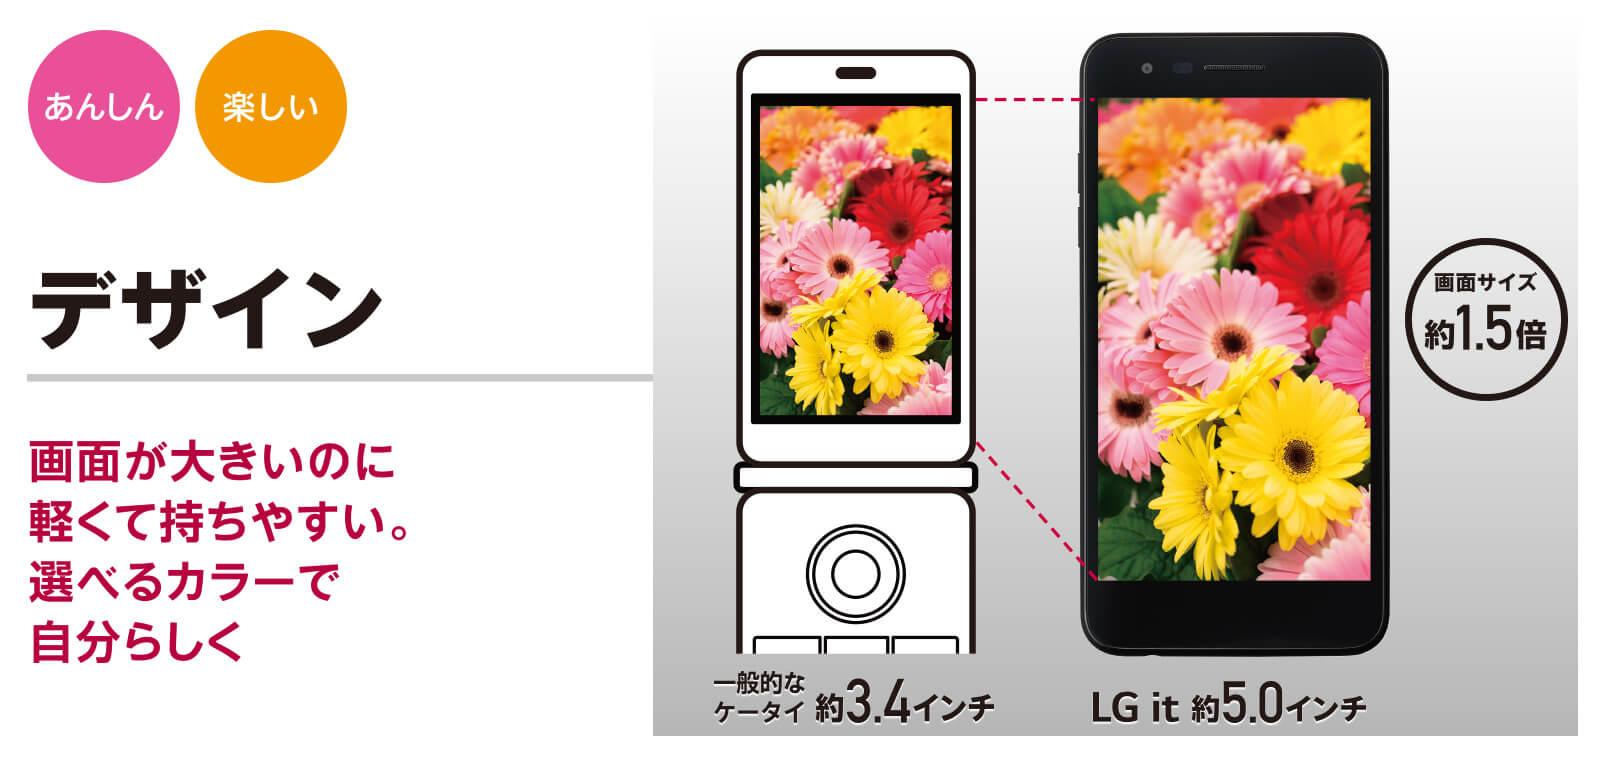 LG it ガラケーと比較した画面サイズ